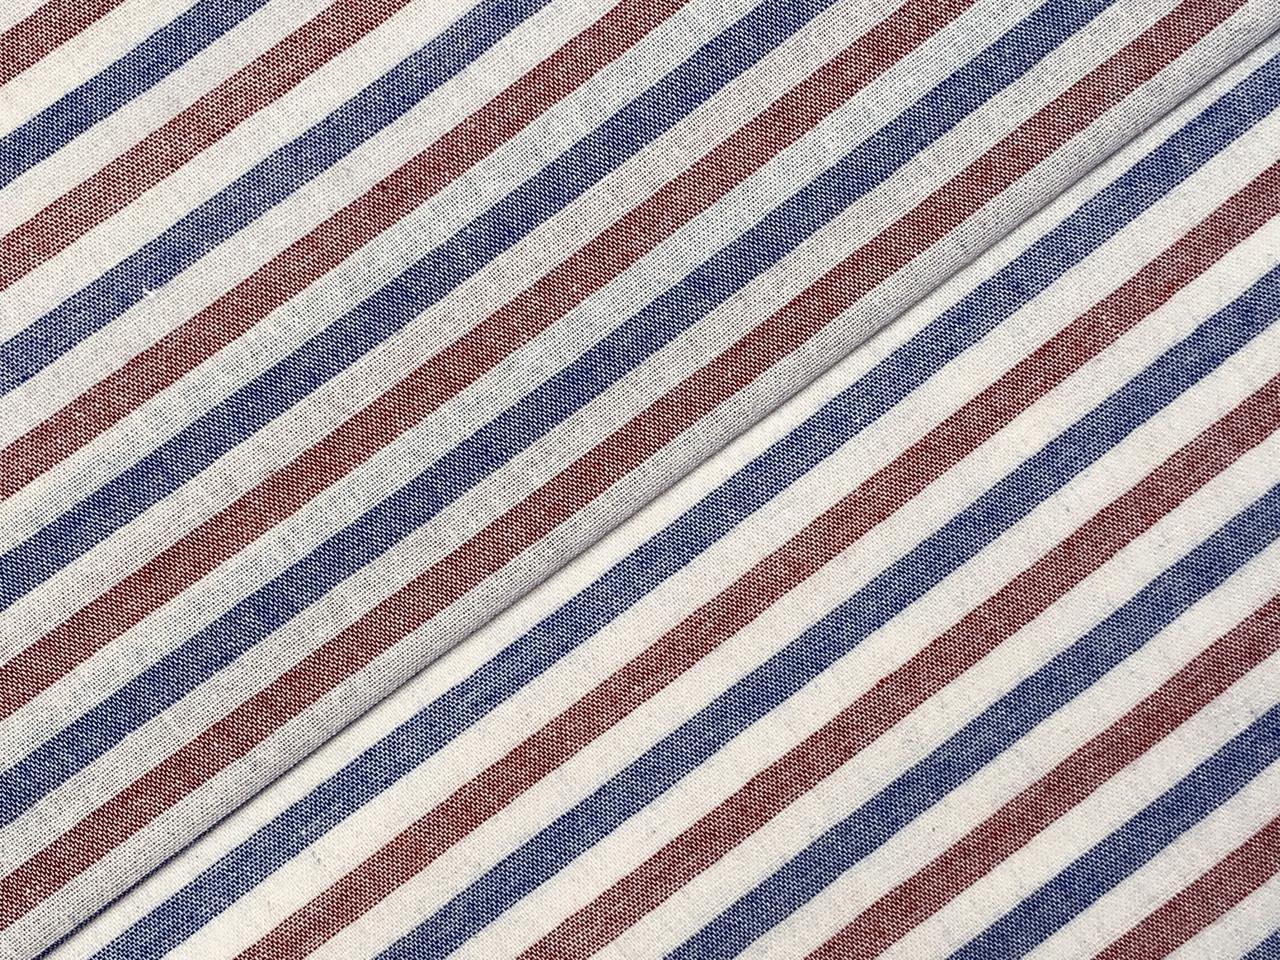 Коттон прованс полоска 7 мм, коралловый с синим